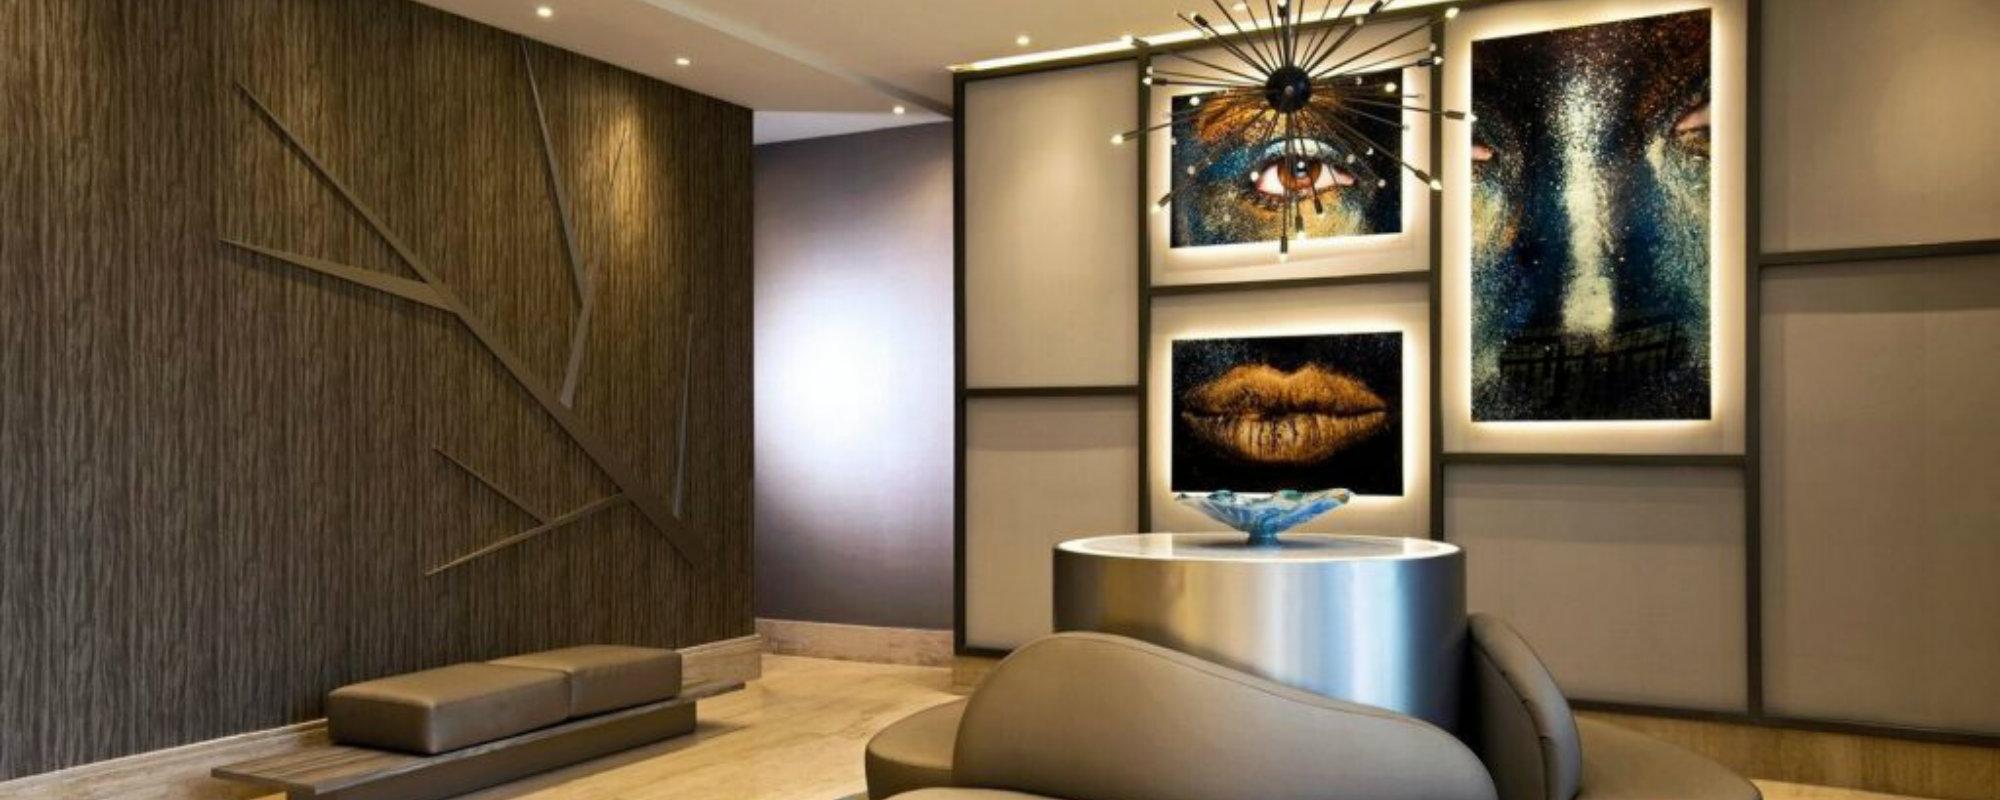 Interiorismo de lujo: UNUO una empresa con proyectos lujuosos interiorismo de lujo Interiorismo de lujo: UNUO una empresa con proyectos lujuosos Featured 10